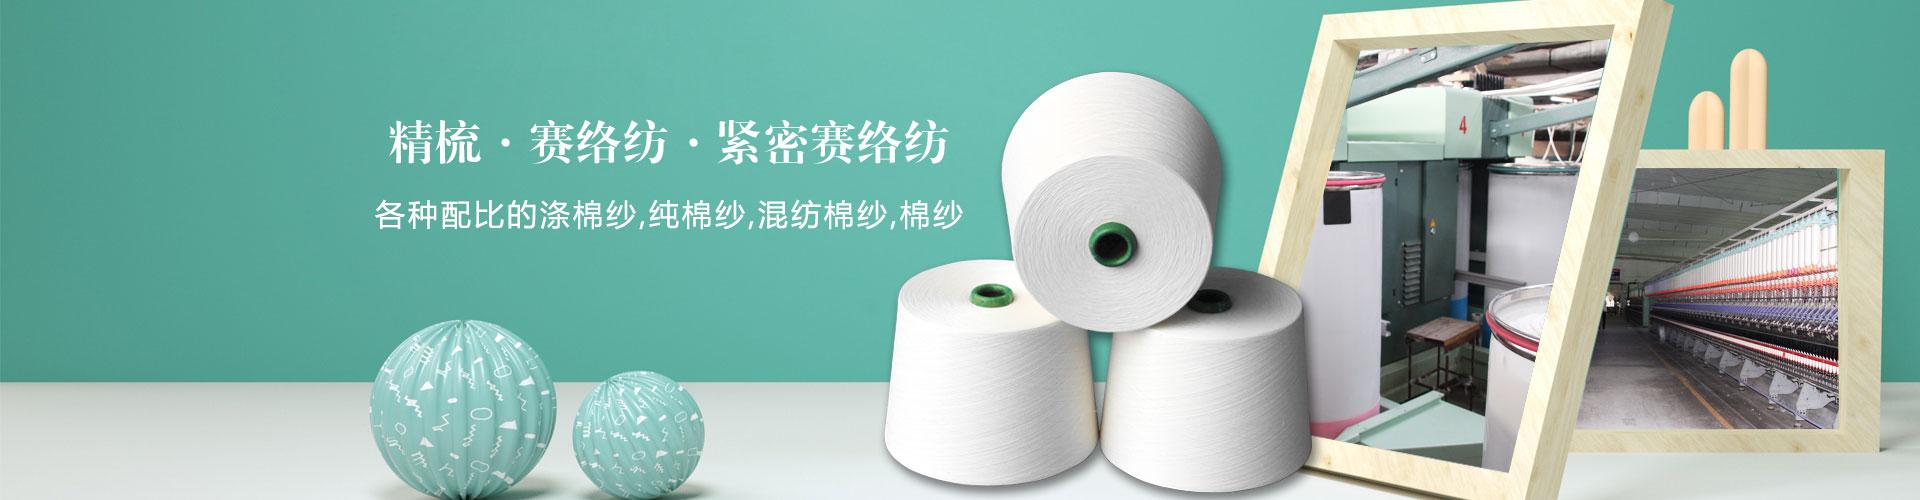 涤棉纱,纯棉纱,混纺棉纱,棉纱